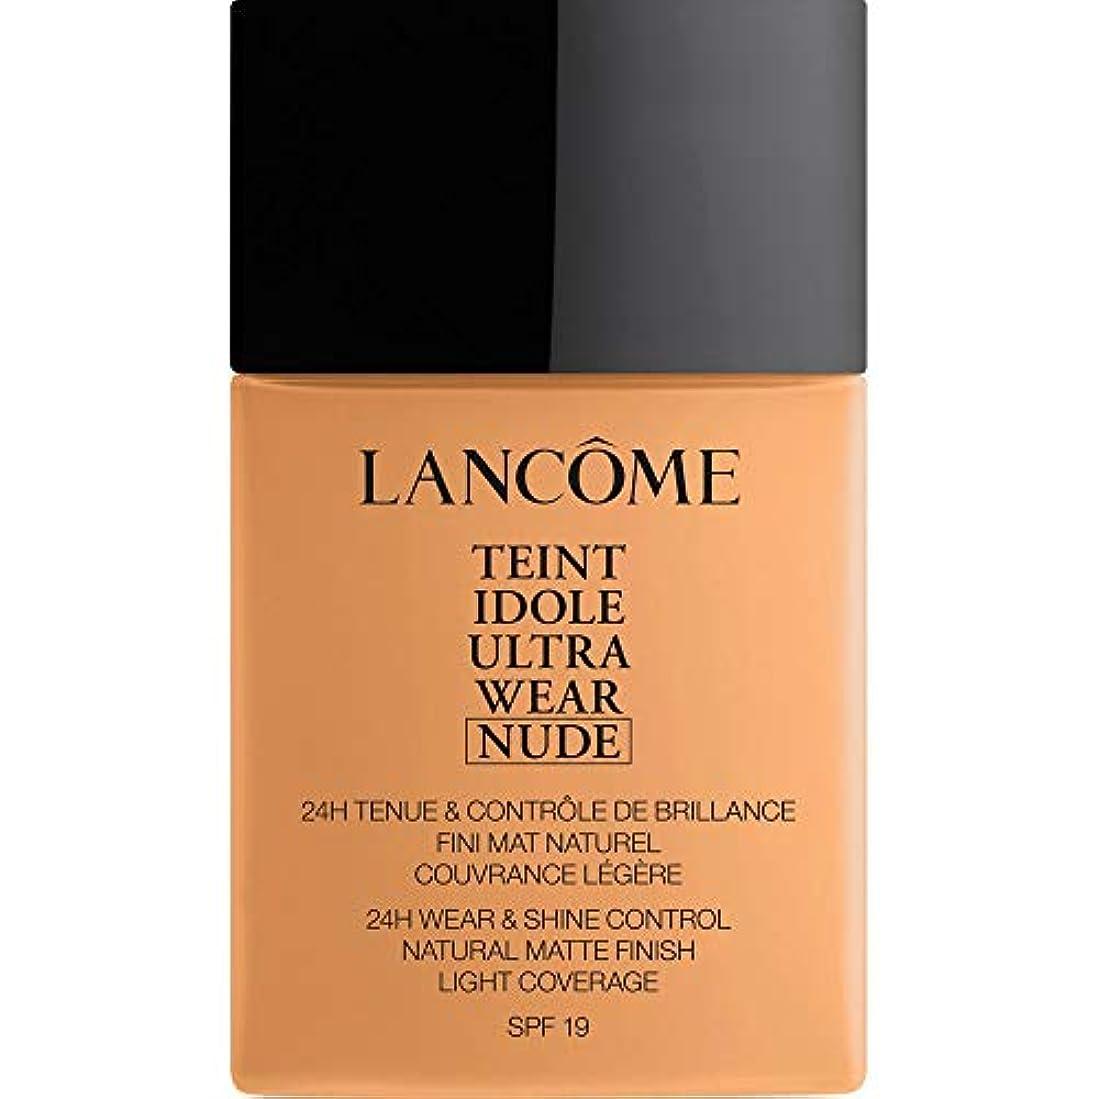 スカリーいいね重さ[Lanc?me ] ランコムTeintのIdole超摩耗ヌード財団Spf19の40ミリリットル051 - Chataigne - Lancome Teint Idole Ultra Wear Nude Foundation...